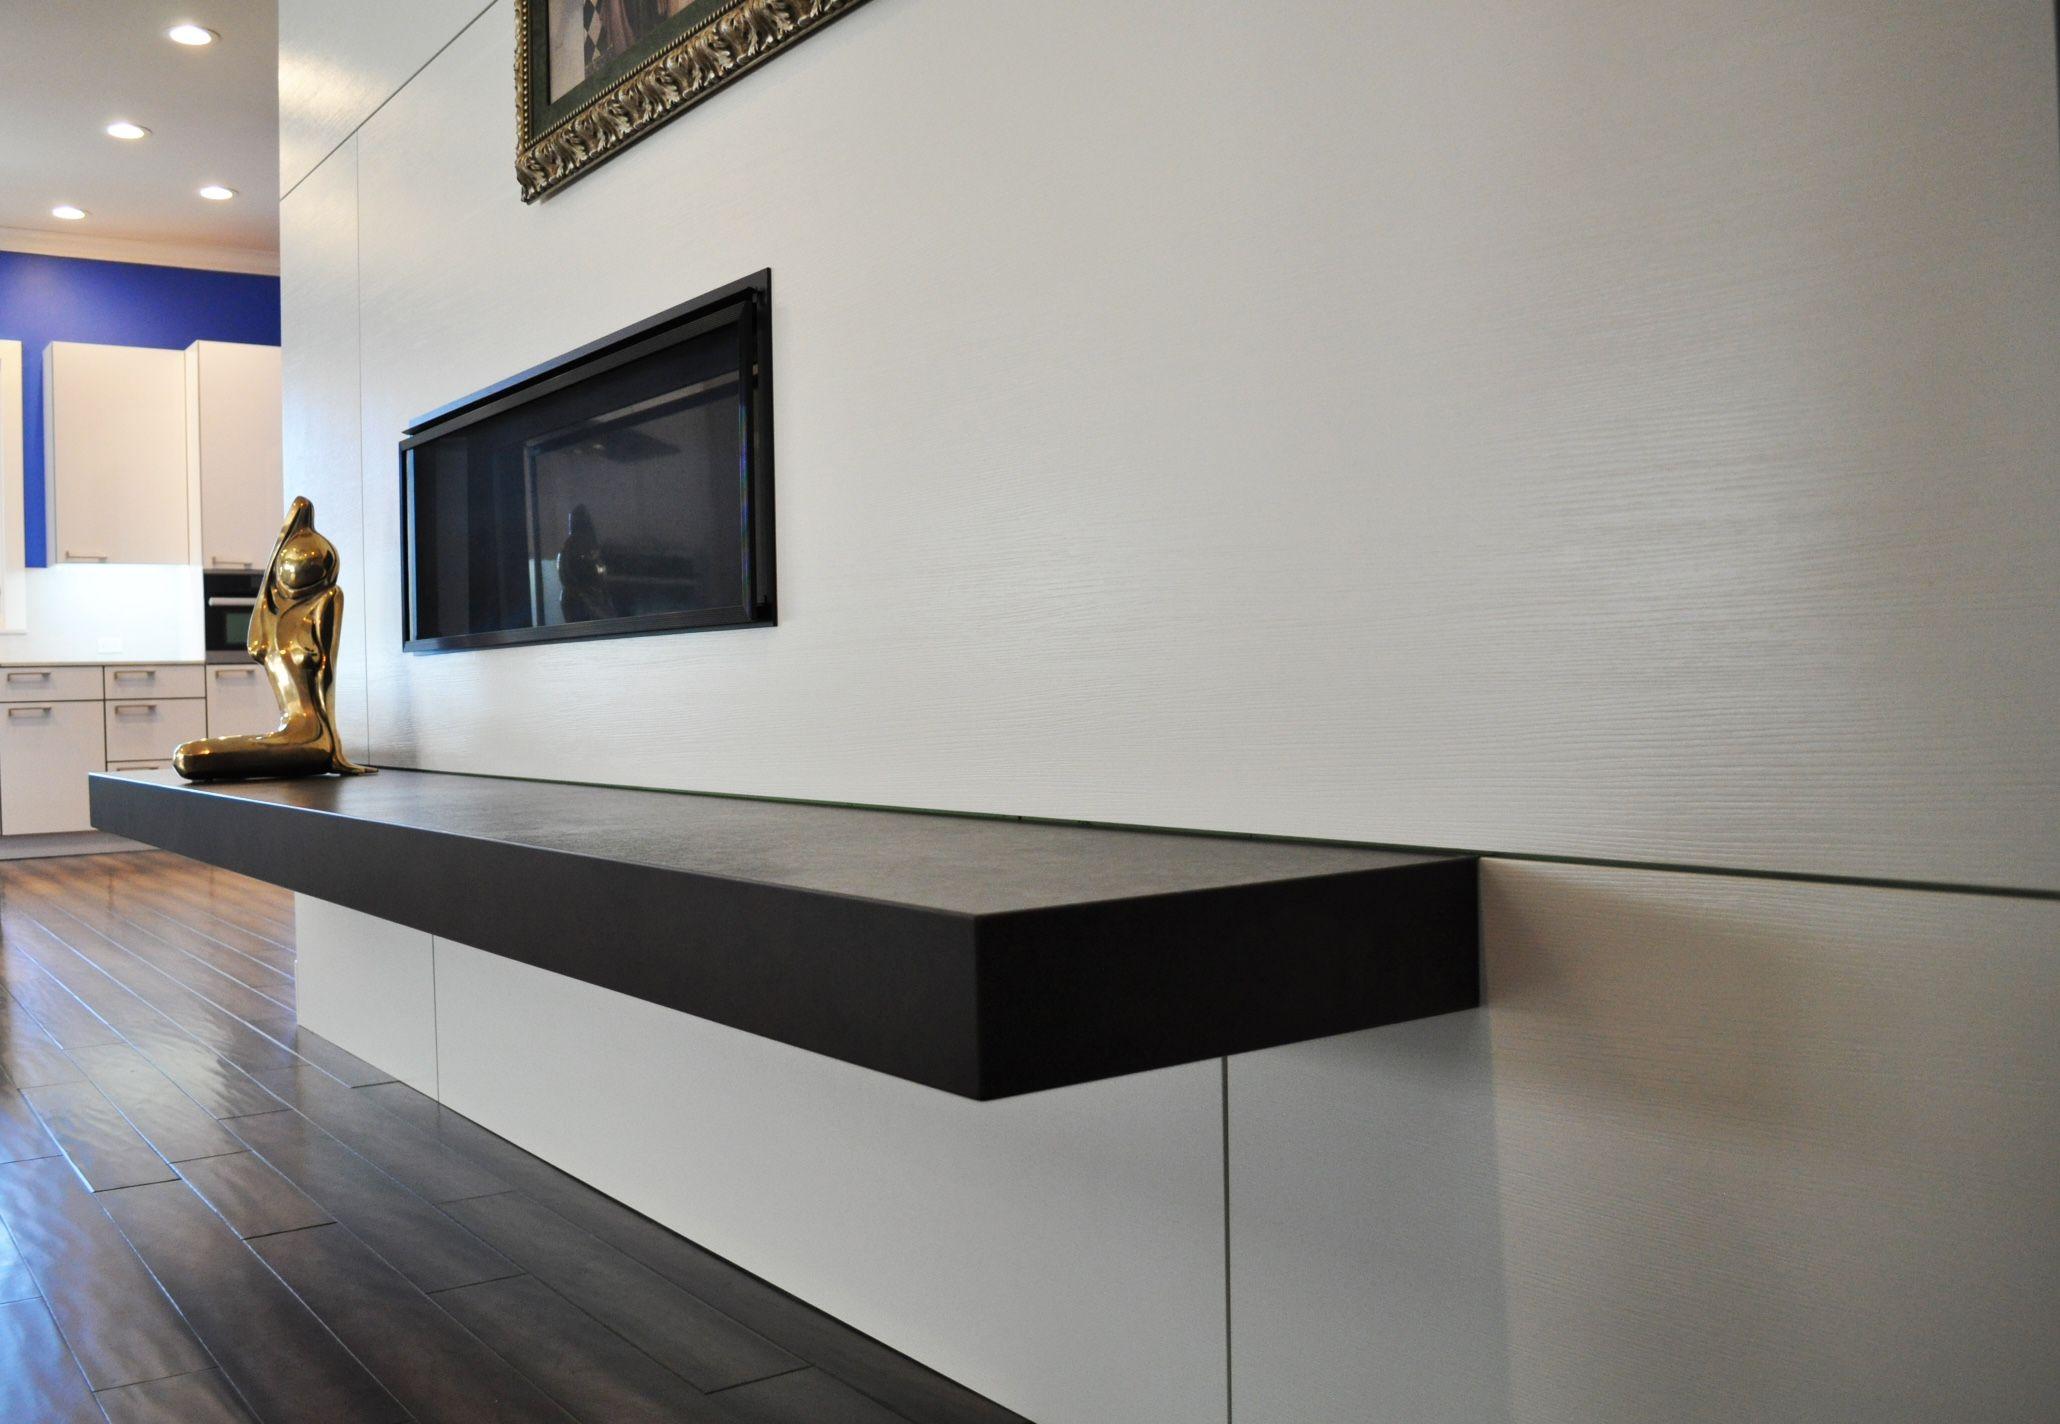 dekton platten sind wie gemacht f r ihren einsatz als k chenarbeitsplatte in b der als. Black Bedroom Furniture Sets. Home Design Ideas